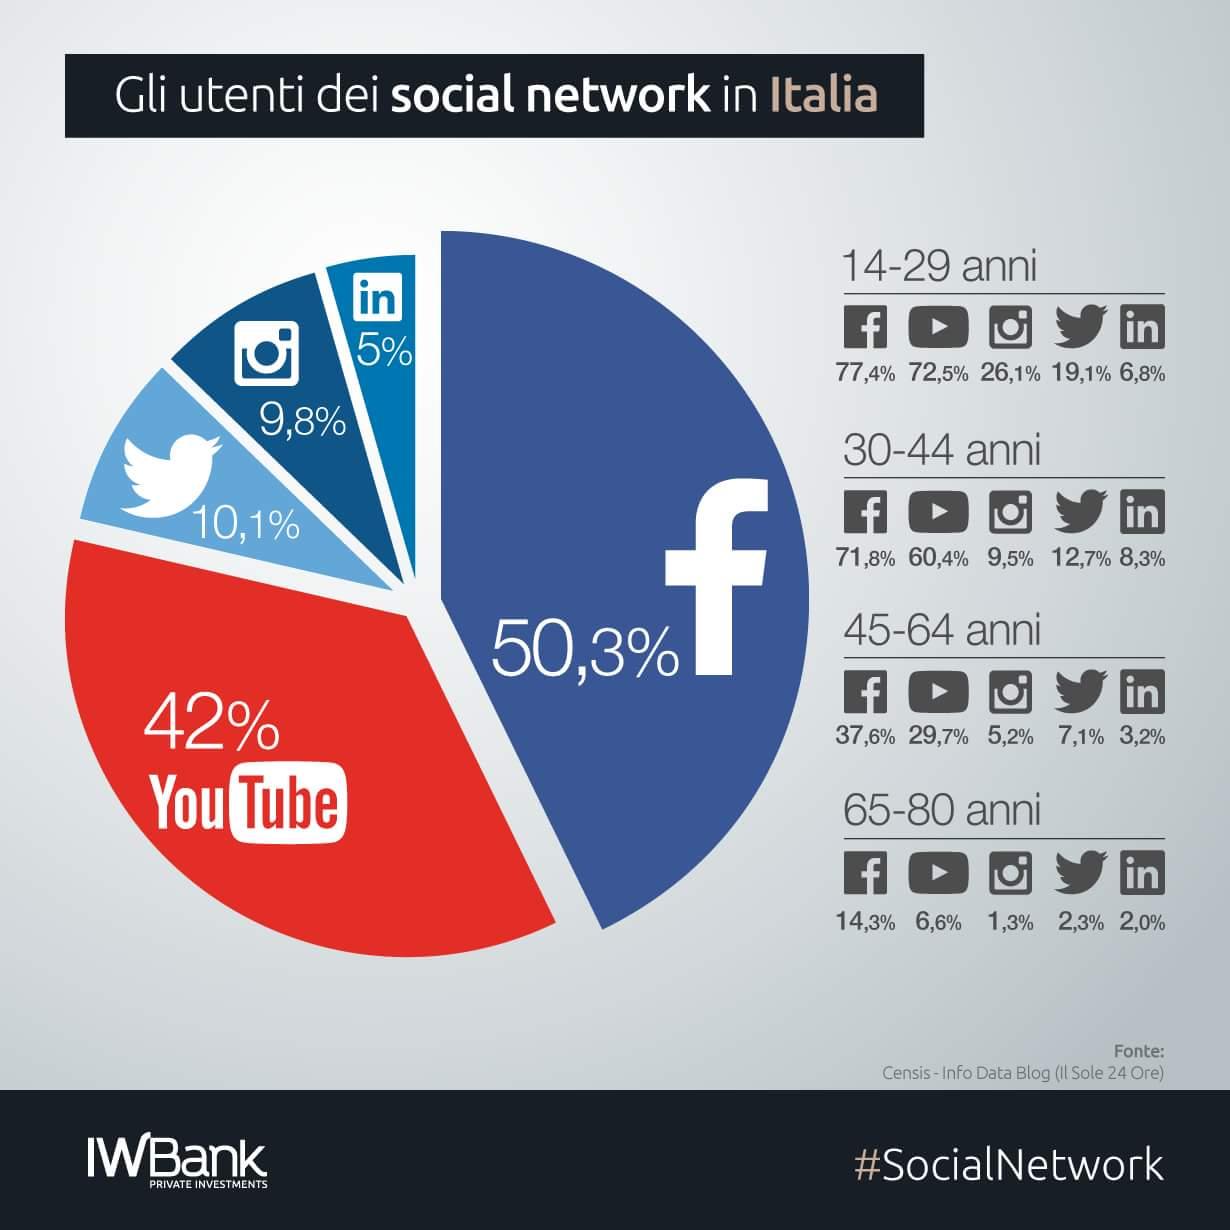 Quali sono i social network più amati dagli italiani?